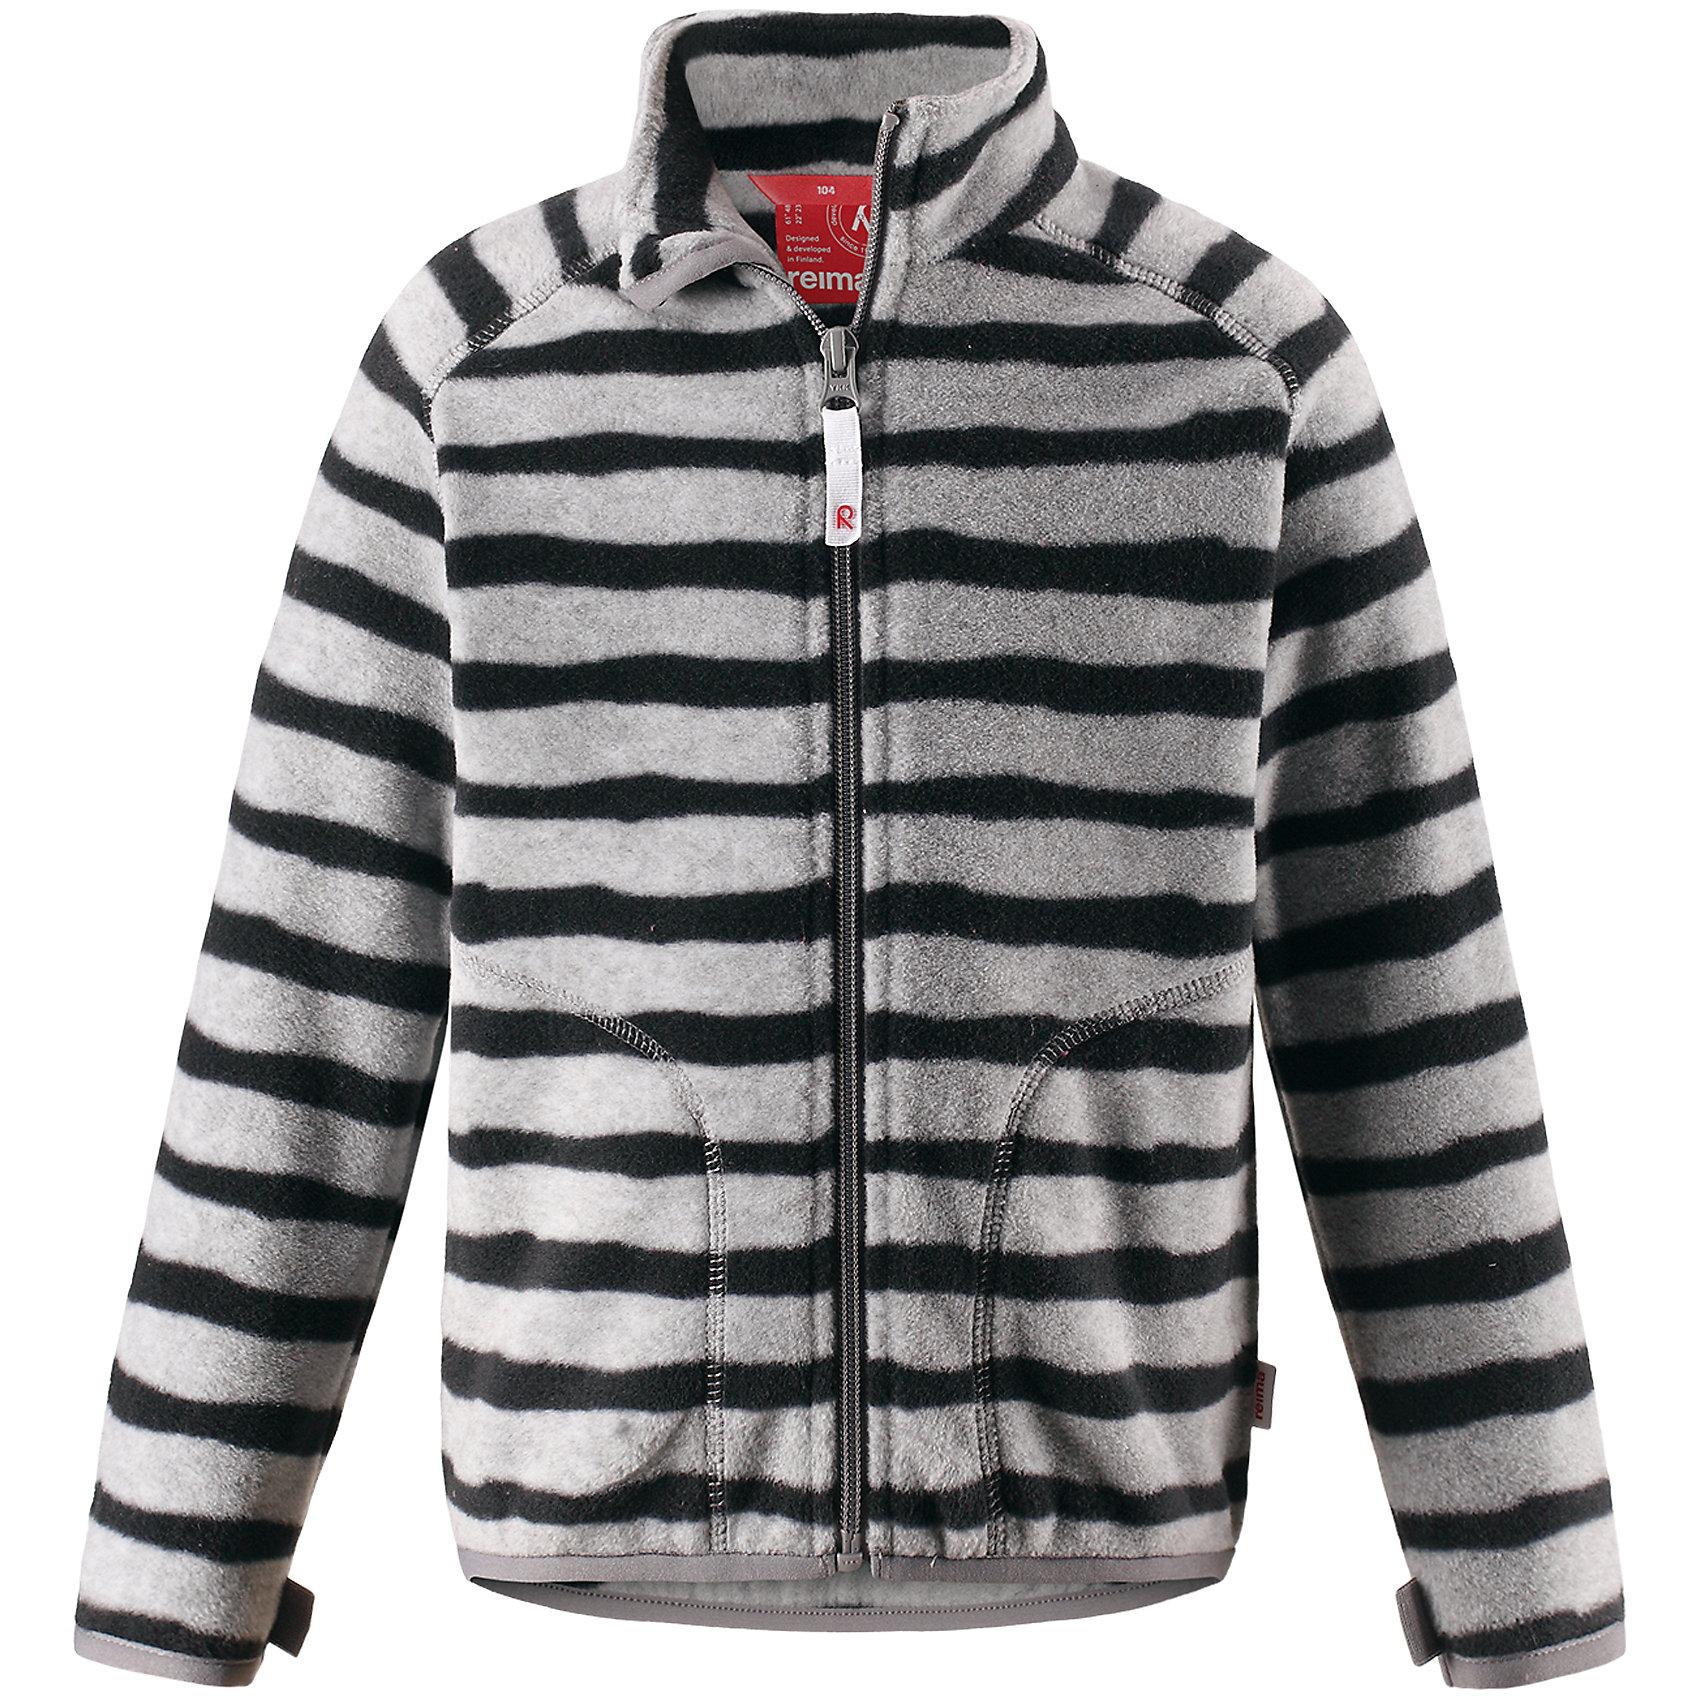 Свитер Steppe ReimaОдежда<br>Супер удобная детская флисовая куртка превосходно послужит в качестве промежуточного слоя в морозные зимние дни – она теплая и очень мягкая на ощупь. Эта куртка изготовлена из легкого полярного флиса, дышащего и быстросохнущего материала. Молния во всю длину облегчает надевание, а защита для подбородка не дает поцарапать молнией шею и подбородок. Эту практичную флисовую куртку легко можно пристегнуть к любой верхней одежде Reima®, оснащенной системой кнопок Play Layers®. Два боковых кармана и украшение в виде яркого рисунка.<br>Состав:<br>100% Полиэстер<br><br>Ширина мм: 190<br>Глубина мм: 74<br>Высота мм: 229<br>Вес г: 236<br>Цвет: серый<br>Возраст от месяцев: 108<br>Возраст до месяцев: 120<br>Пол: Унисекс<br>Возраст: Детский<br>Размер: 140,92,98,104,110,116,122,128,134<br>SKU: 6901979